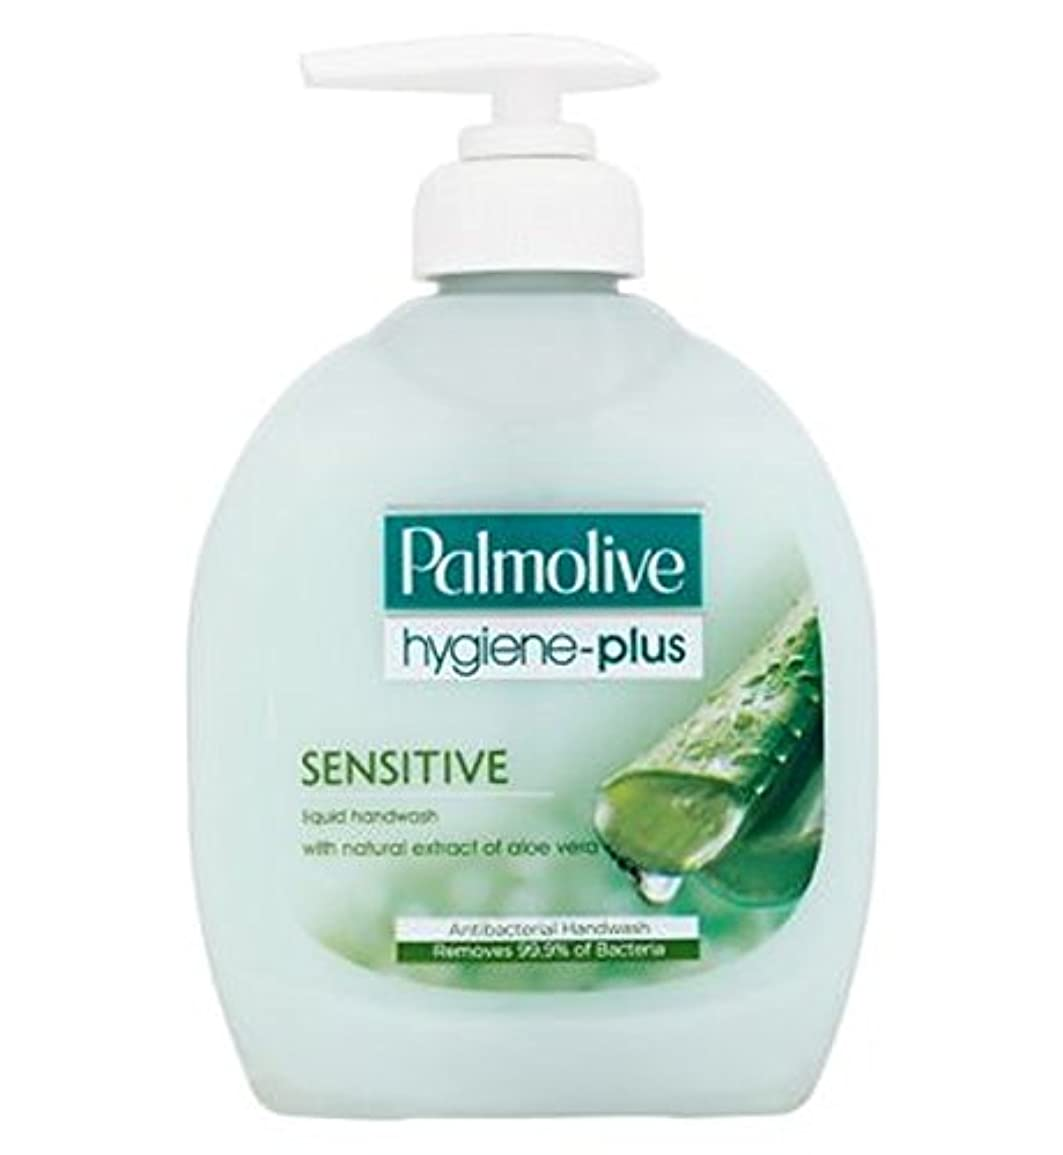 繁栄するアボートコメントPalmolive Hygiene Plus Sensitive Handwash - パルモ衛生プラス敏感手洗い (Palmolive) [並行輸入品]